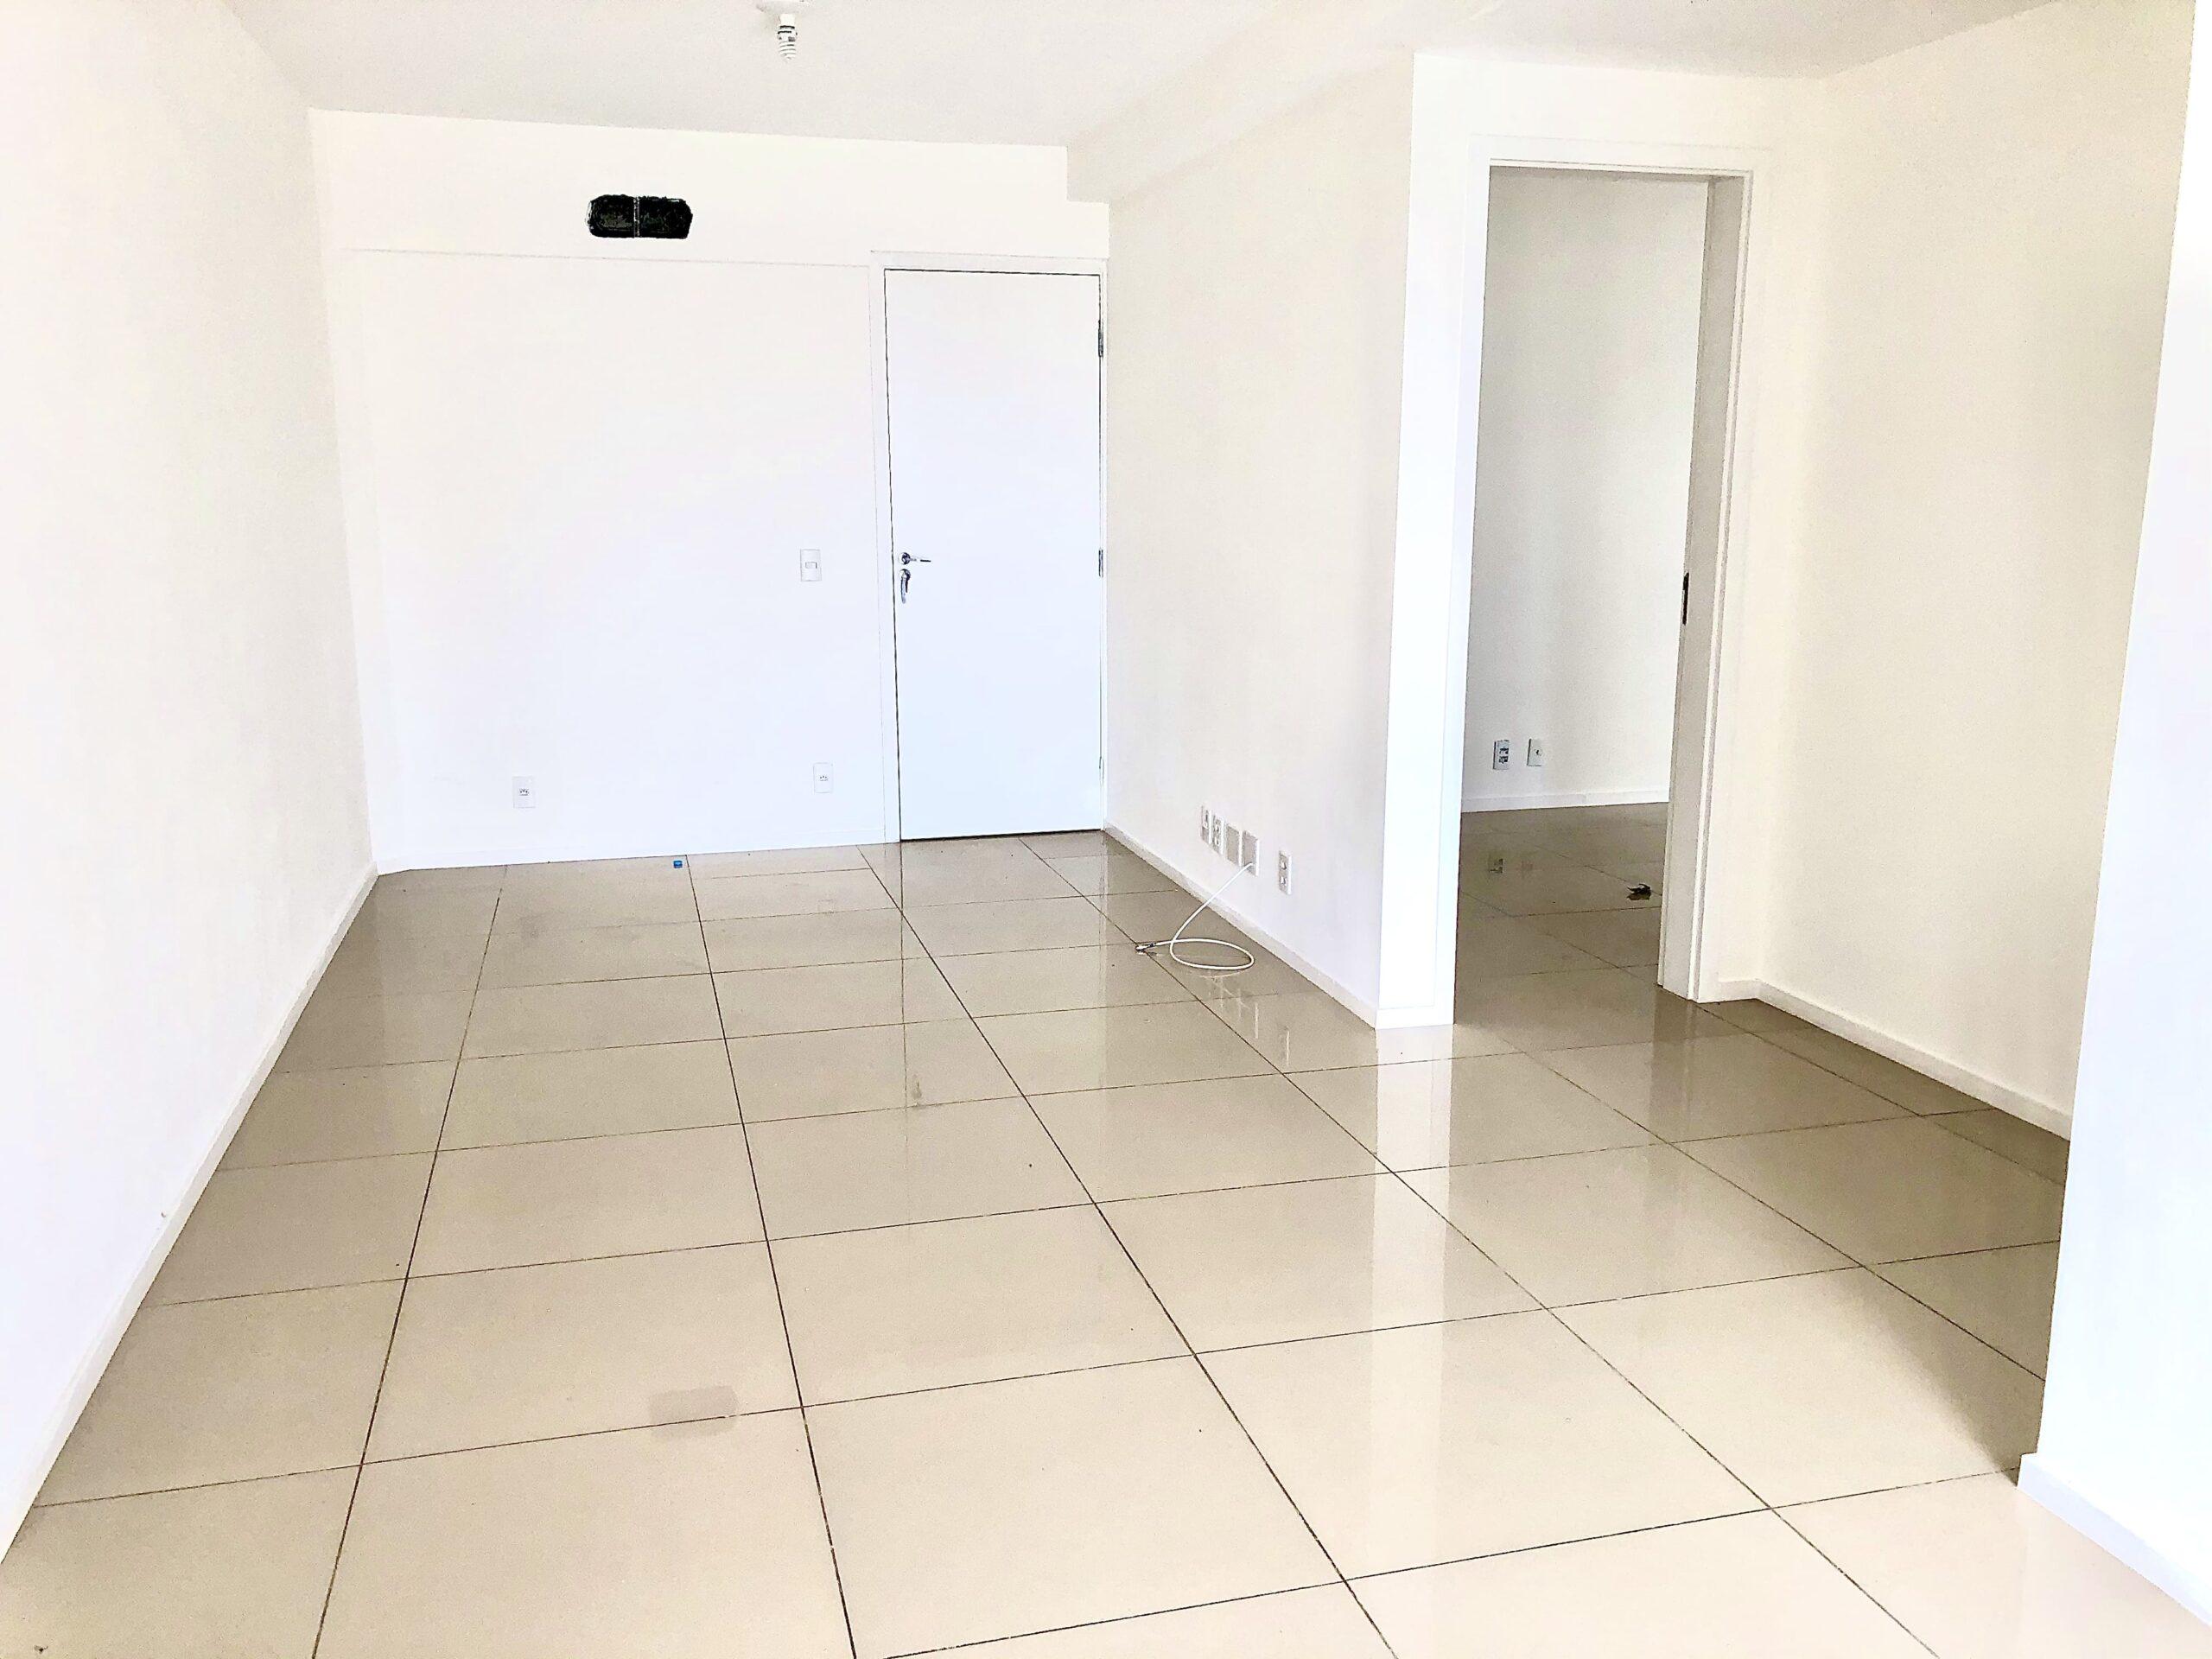 6 Apartamento para venda no Edifício Recanto das Palmeiras Teresina,3 Quartos, sendo 1 suíte, banheiro social, 1 vaga, piso em porcelanato